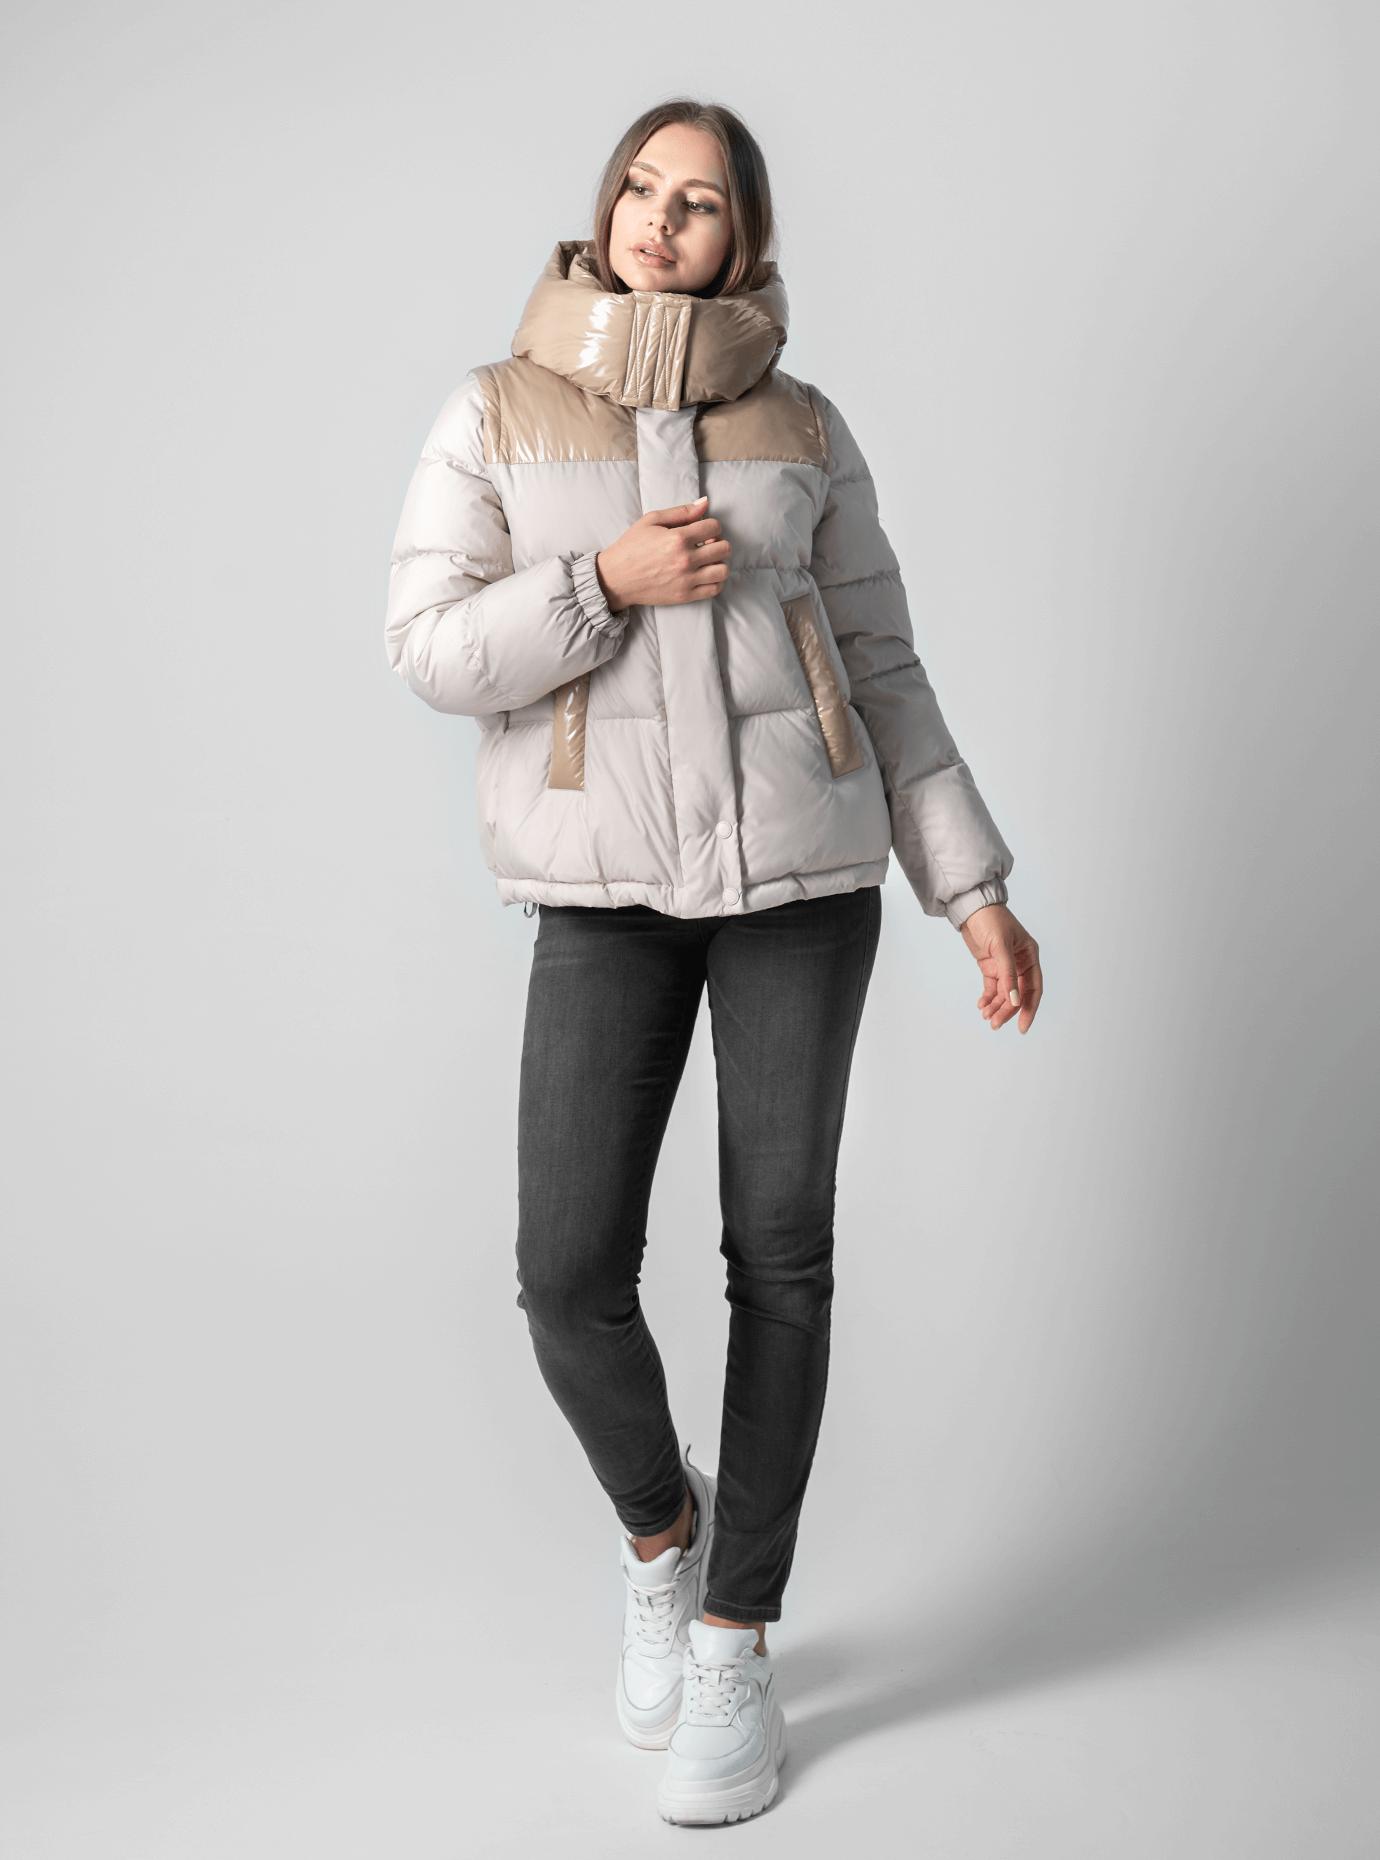 Куртка с лаковыми вставками Бежевый S (02-190116): фото - Alster.ua